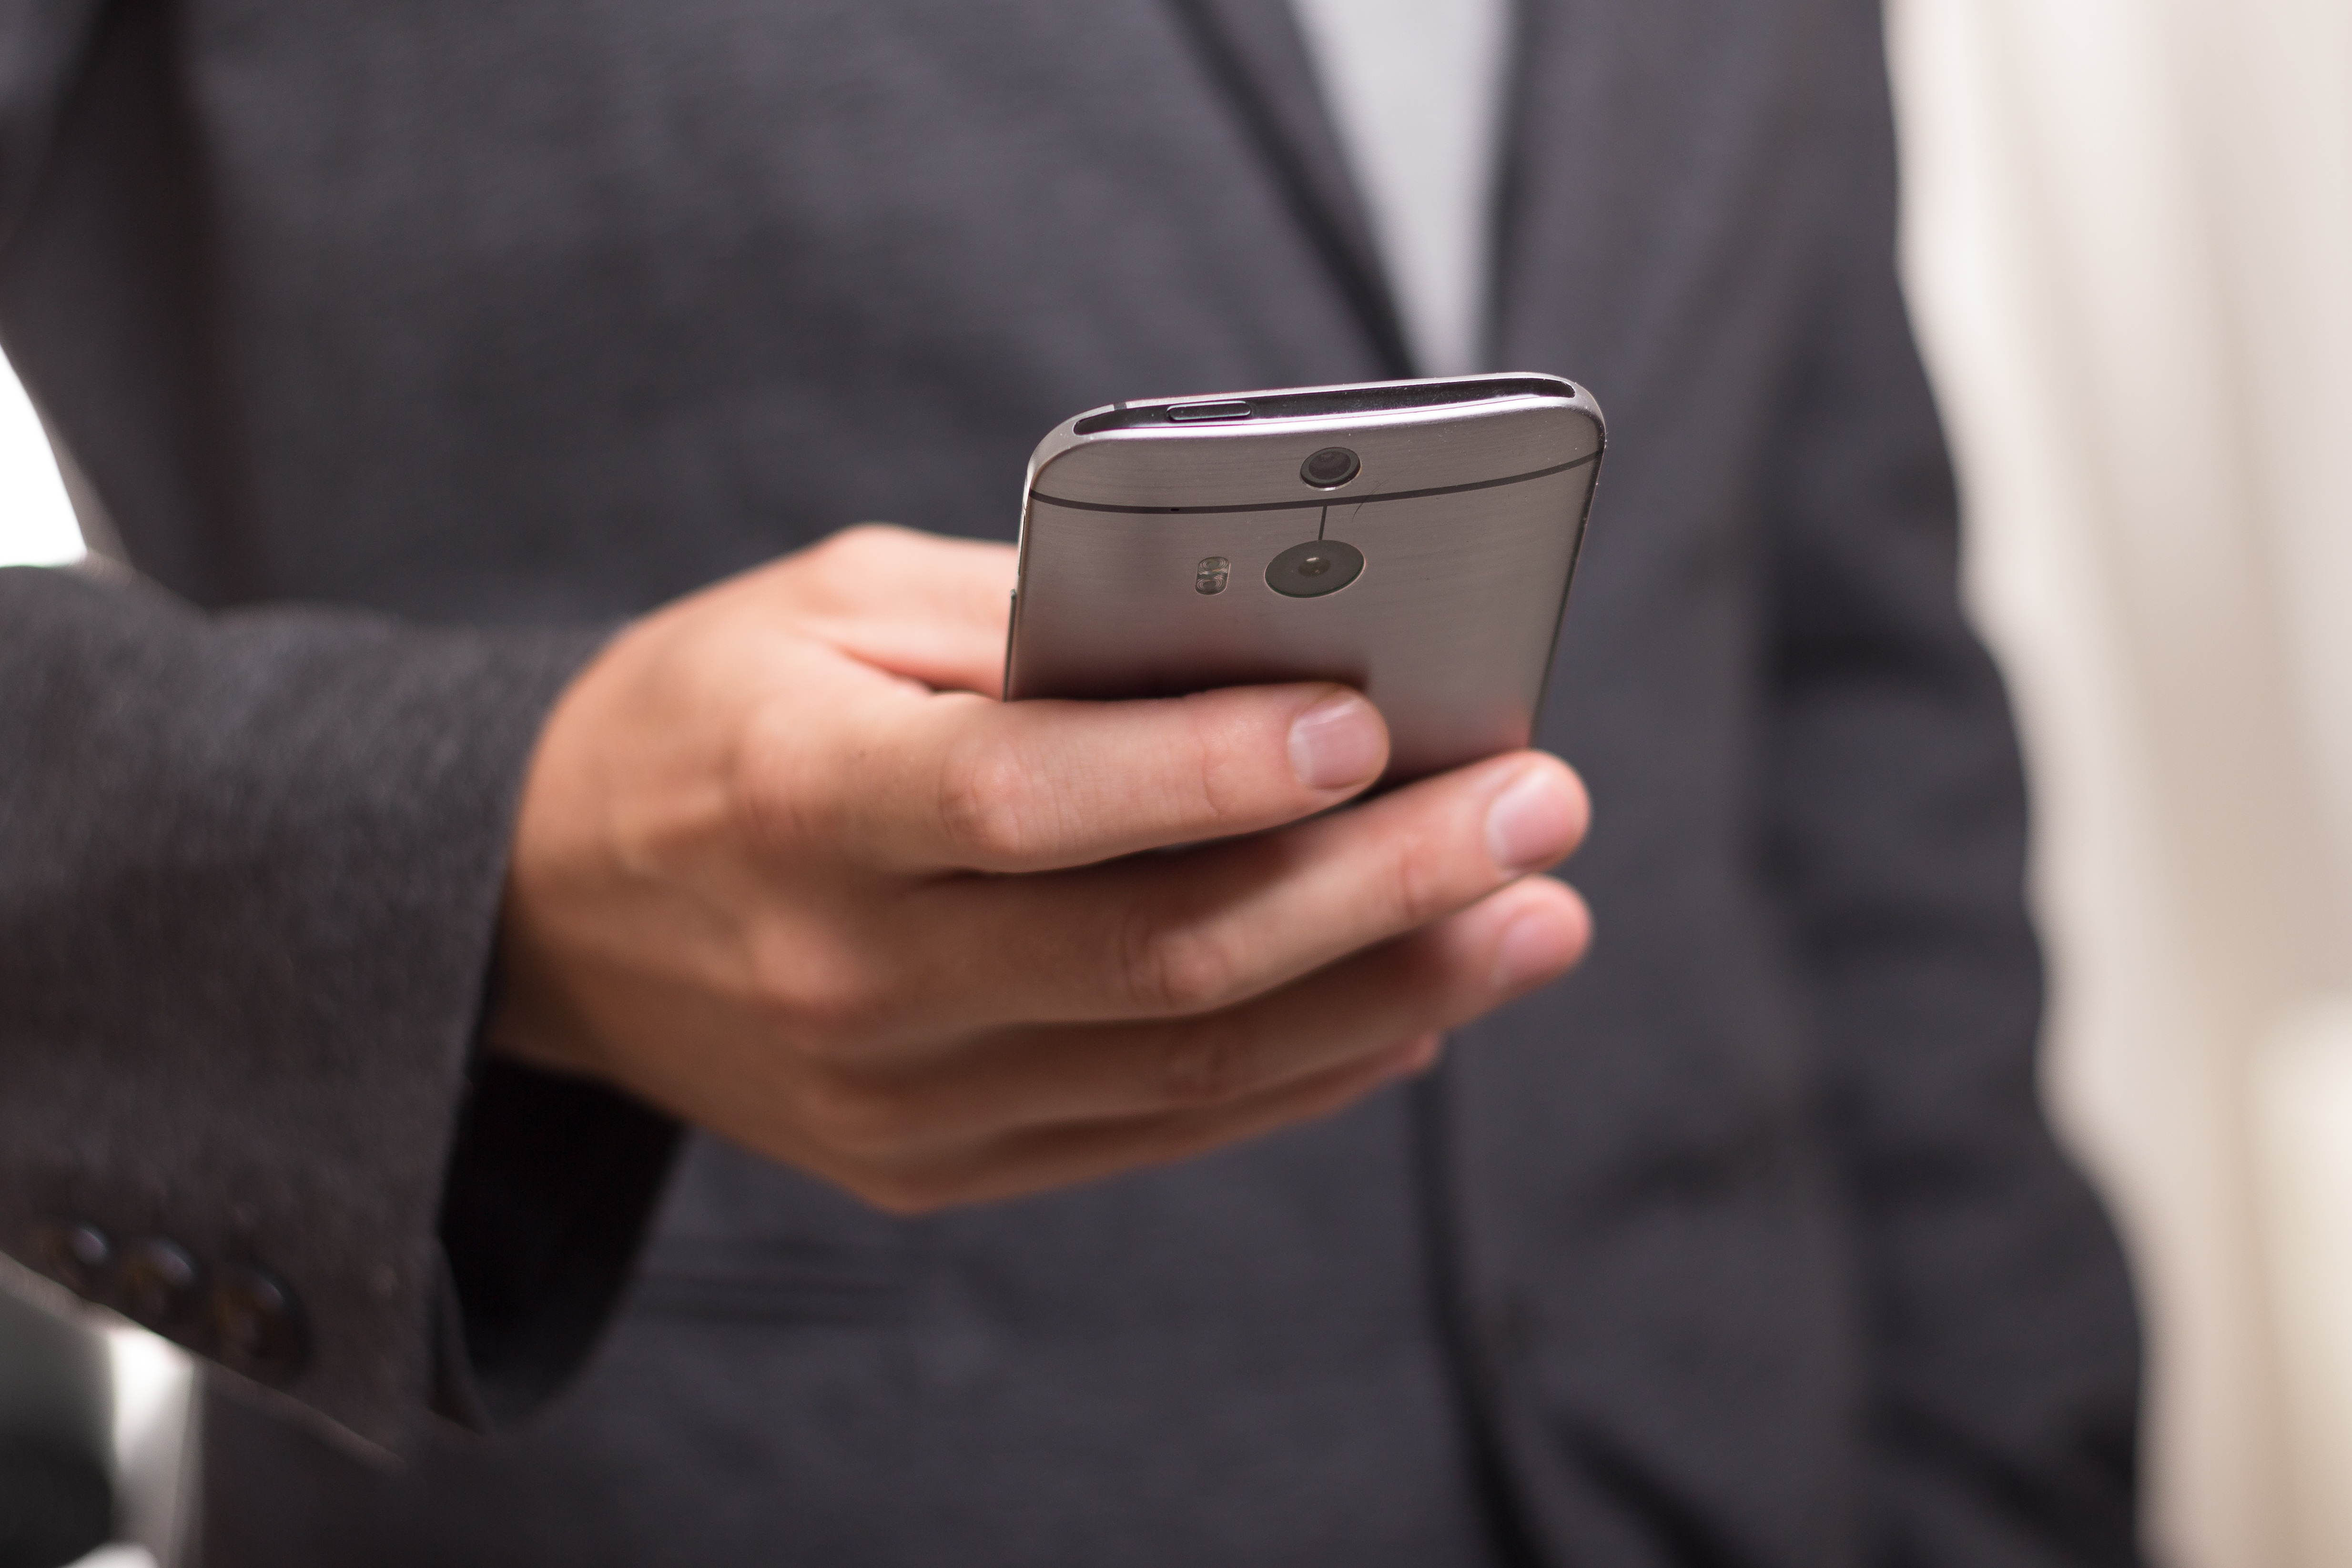 Prolongation de l'itinérance de Zeop Mobile sur le réseau Orange à la Réunion : l'Arcep estime qu'il n'est pas nécessaire de demander la modification de l'avenant